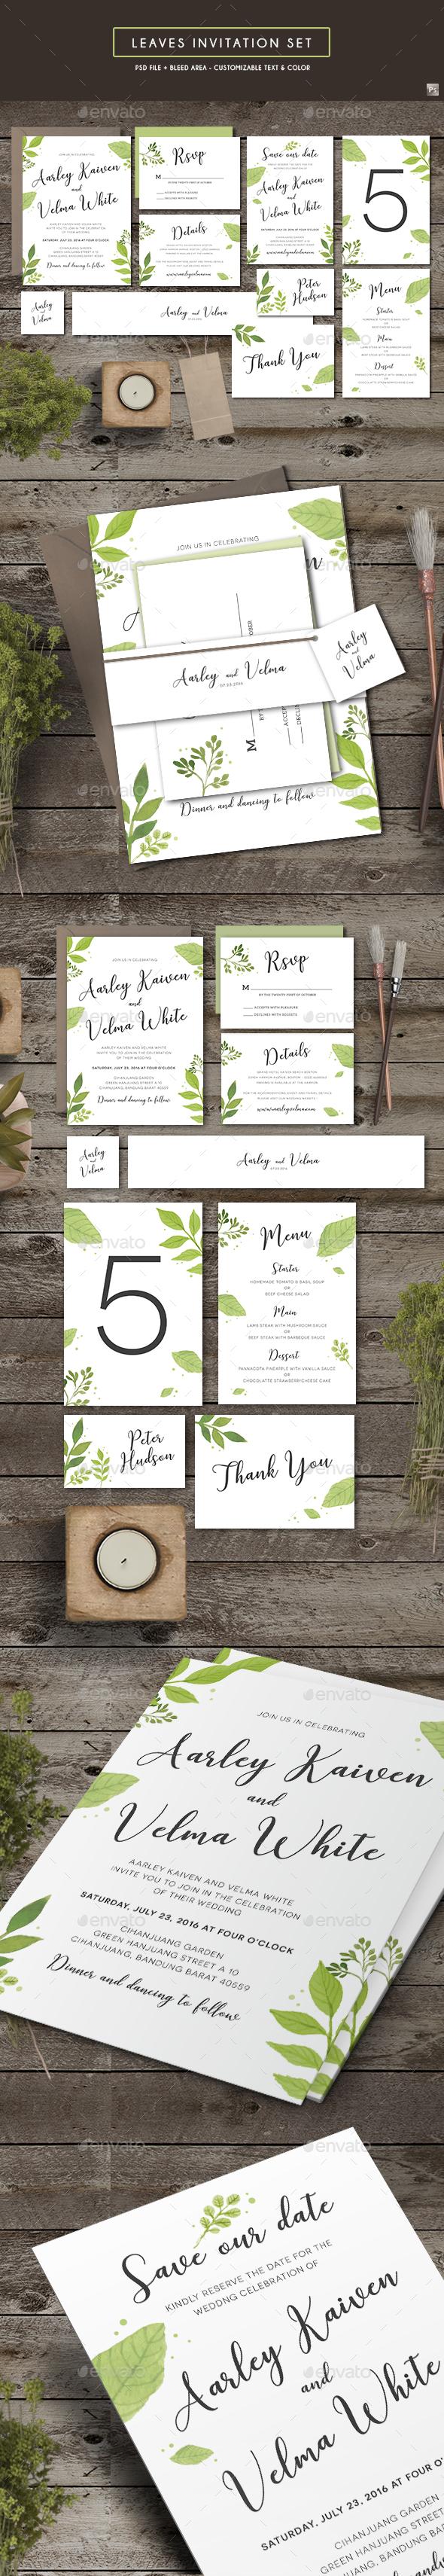 Leaves Invitation Set - Weddings Cards & Invites